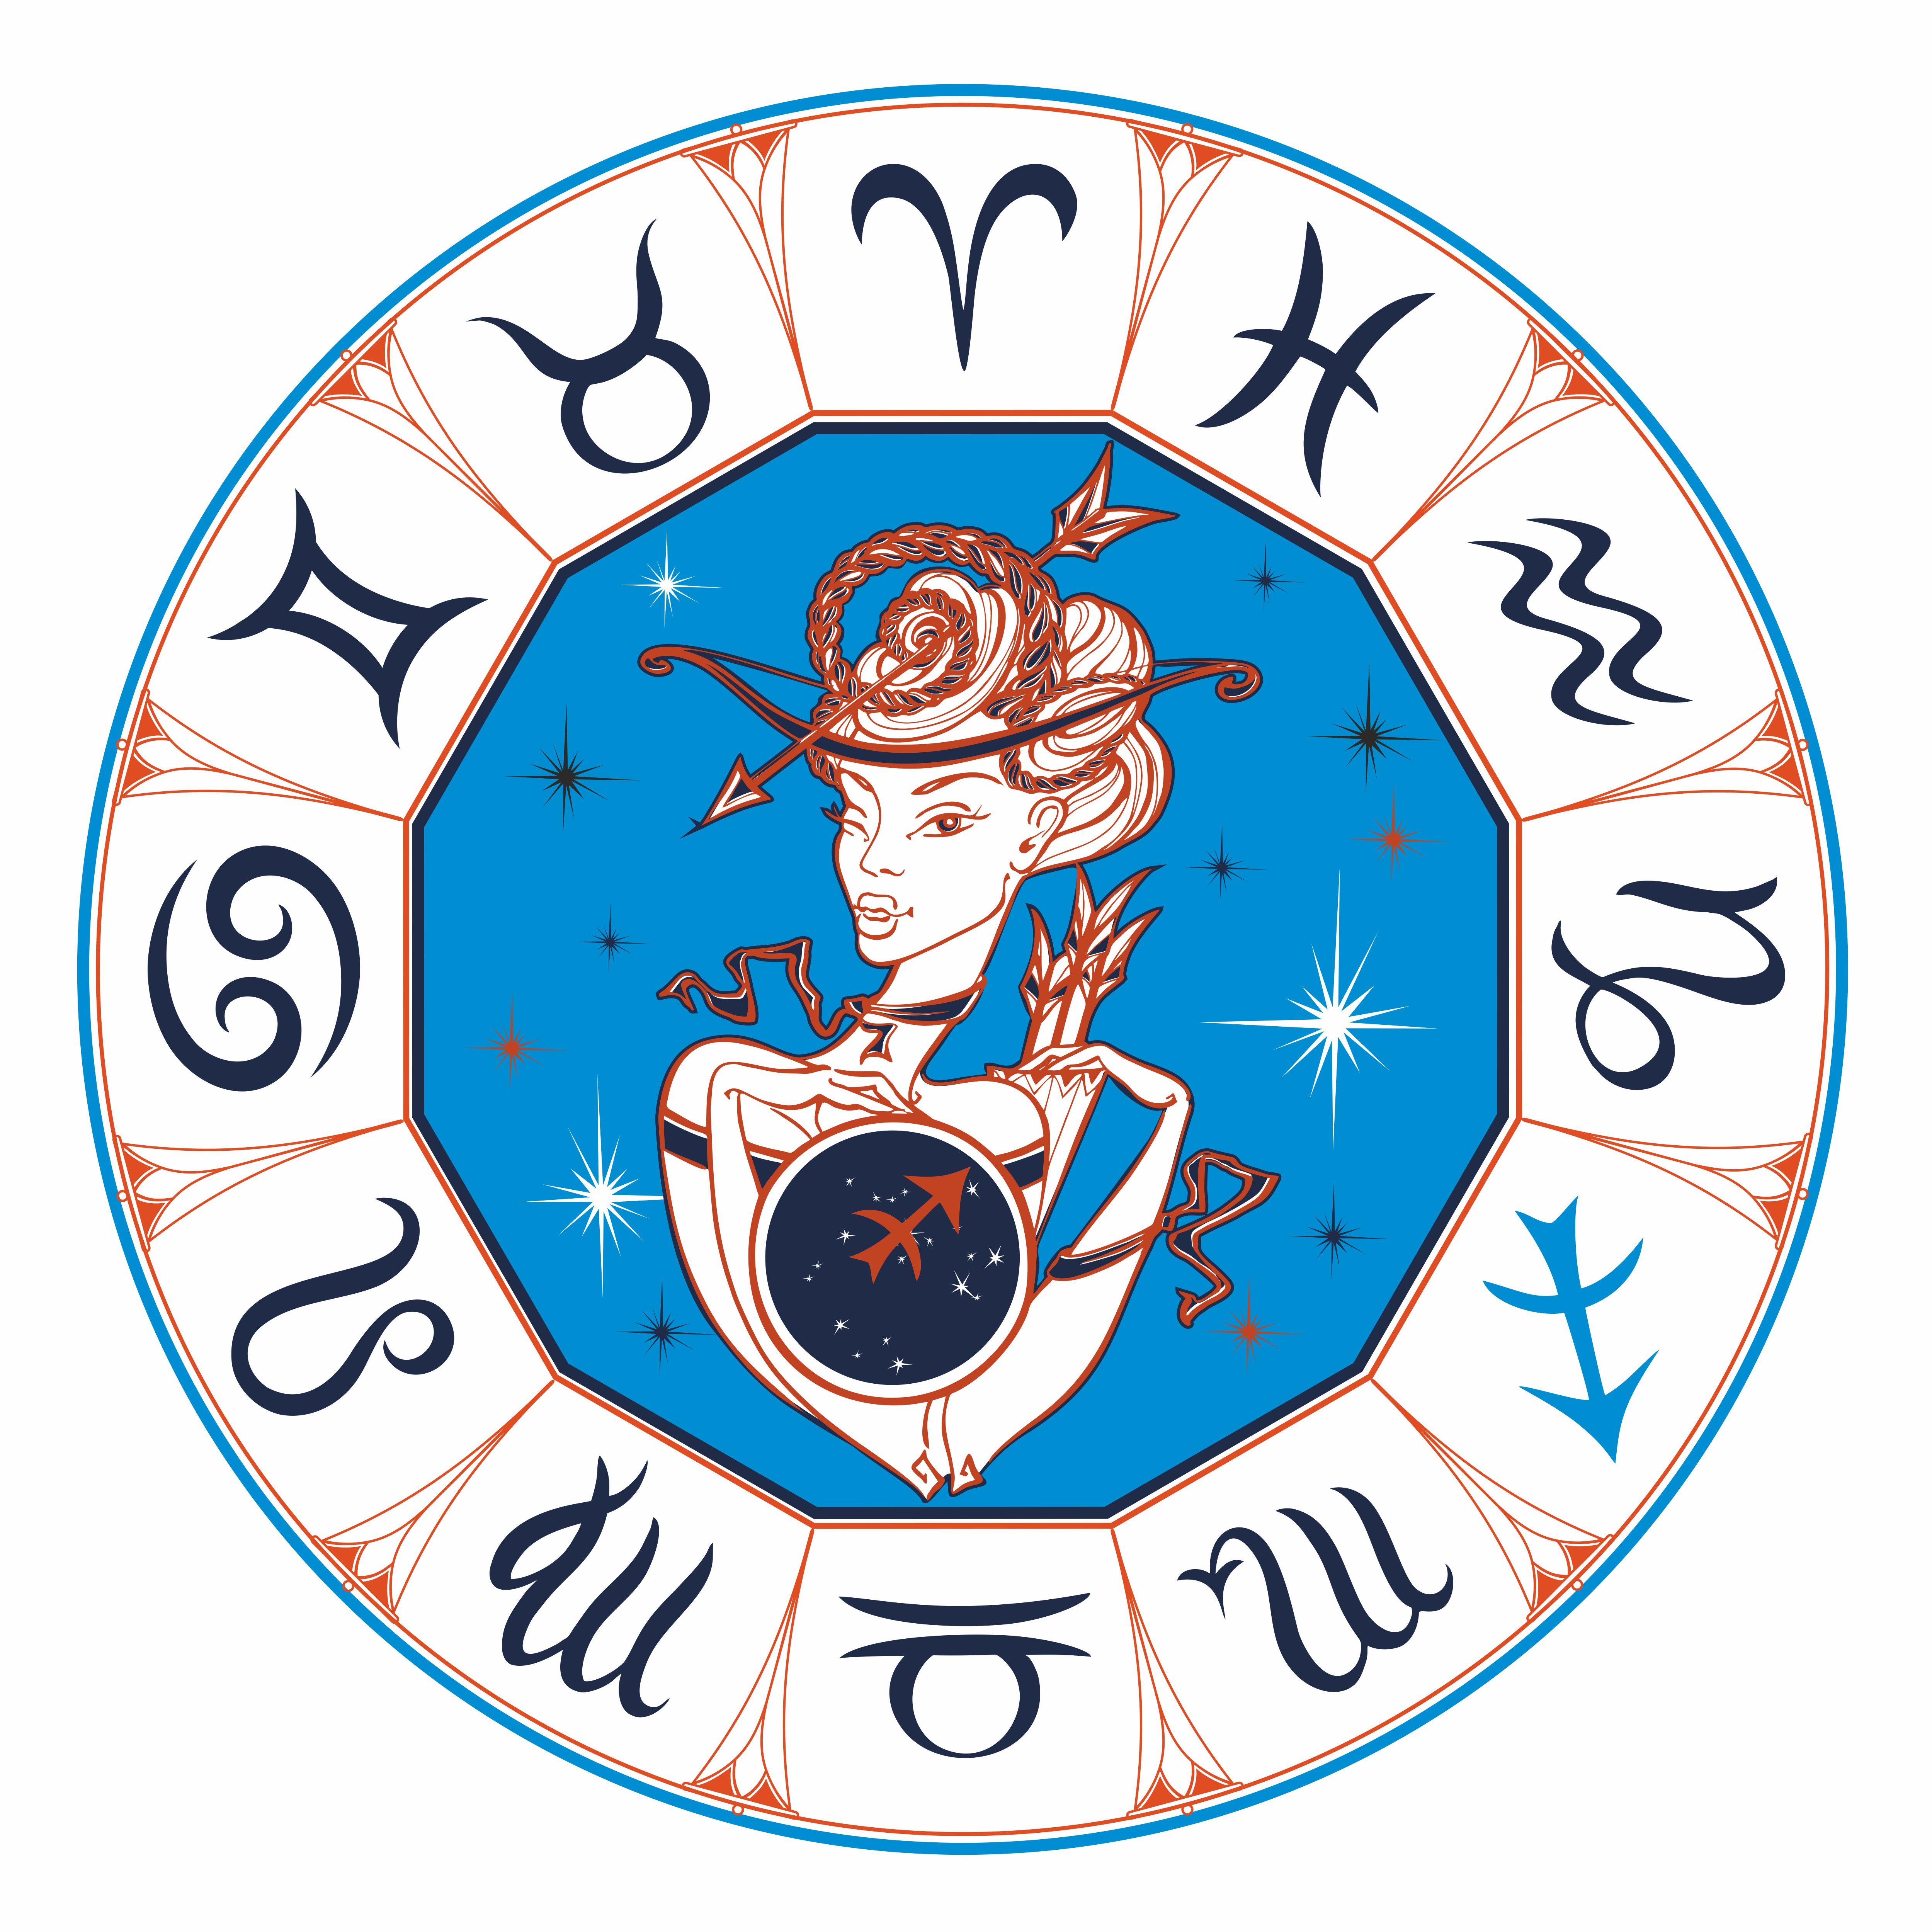 Скрапбукинг, открытки со знаками зодиака круглые